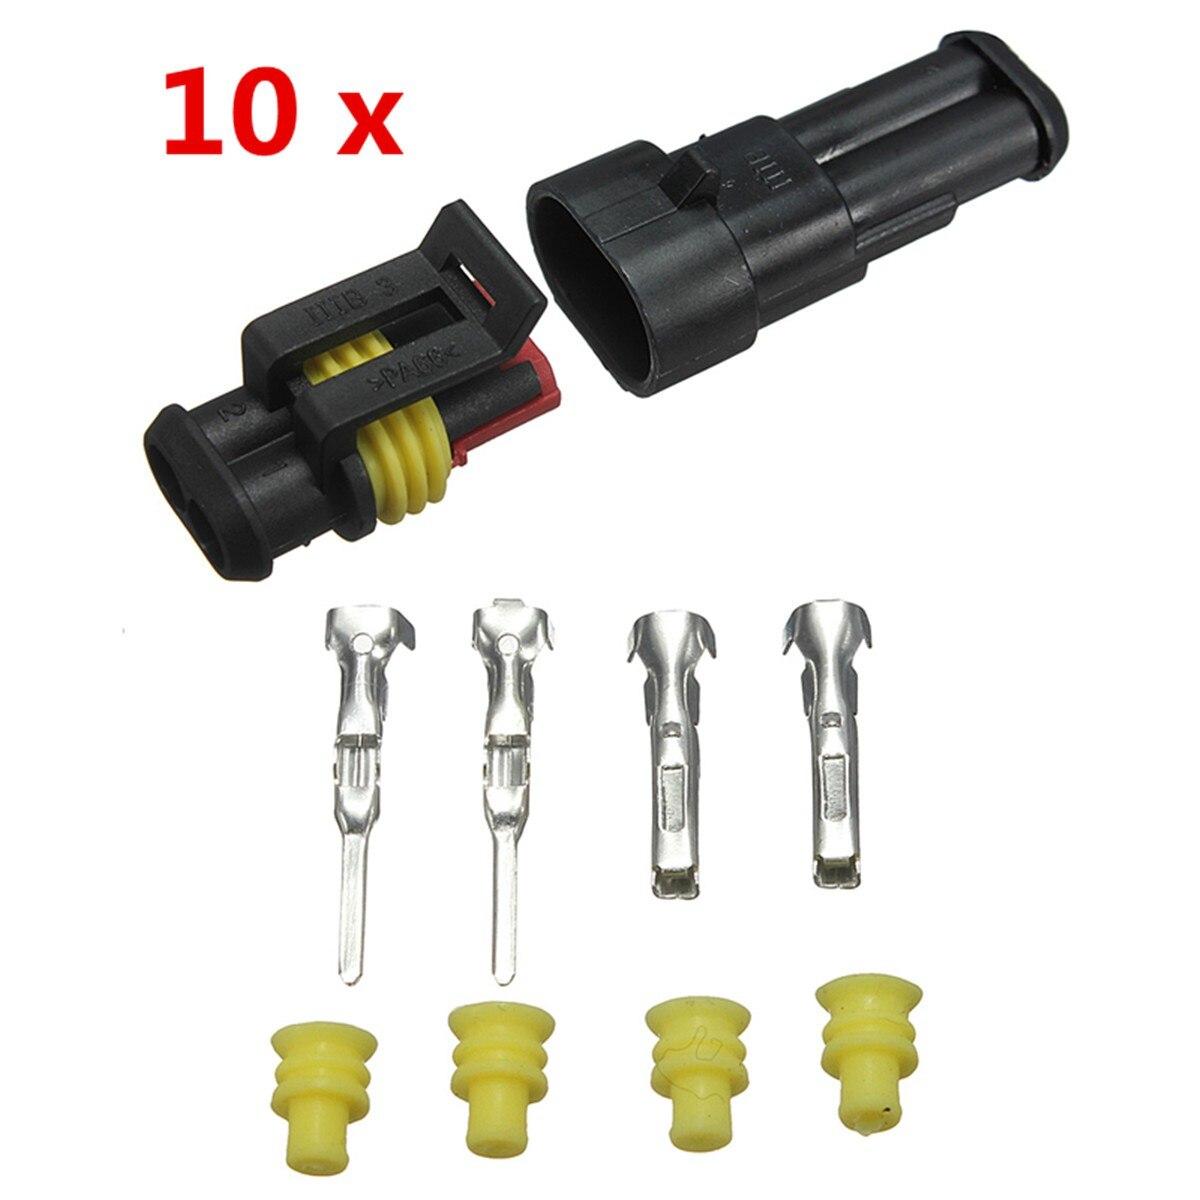 10 комплектов автомобиля 2 Pin способ герметичный Электрический провод разъем терминал для автомобиля Грузовик Автомобиль Мотоцикл Универсальный